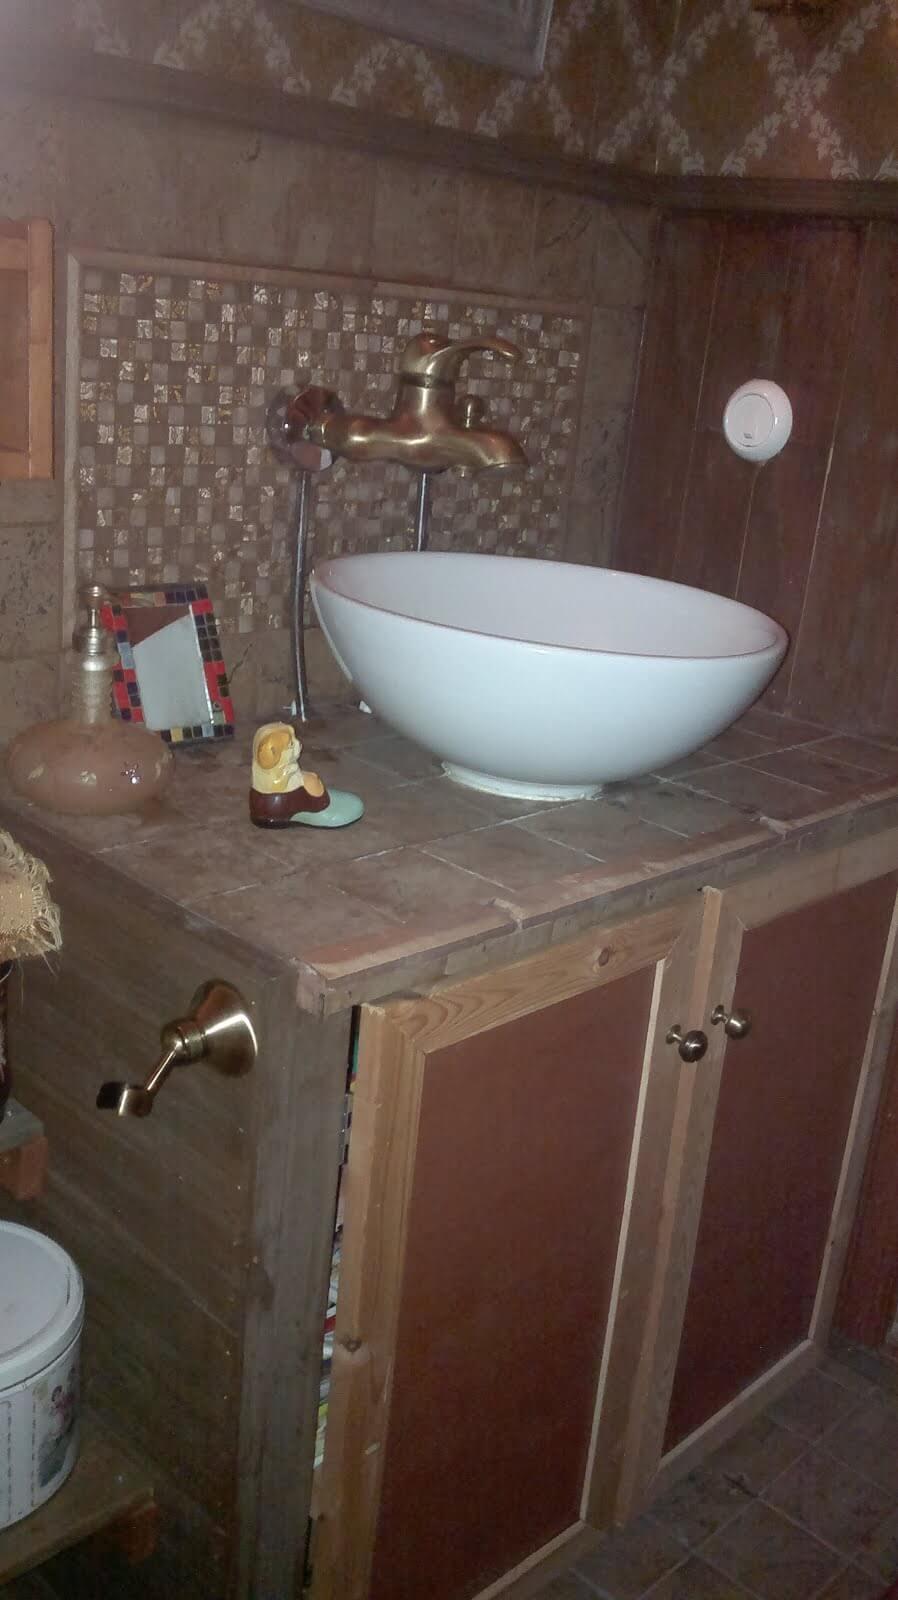 Yksityiskohtia vessaan laatoilla: kimaltavia mosaiikkilaattoja, rustiikkisia laattoja